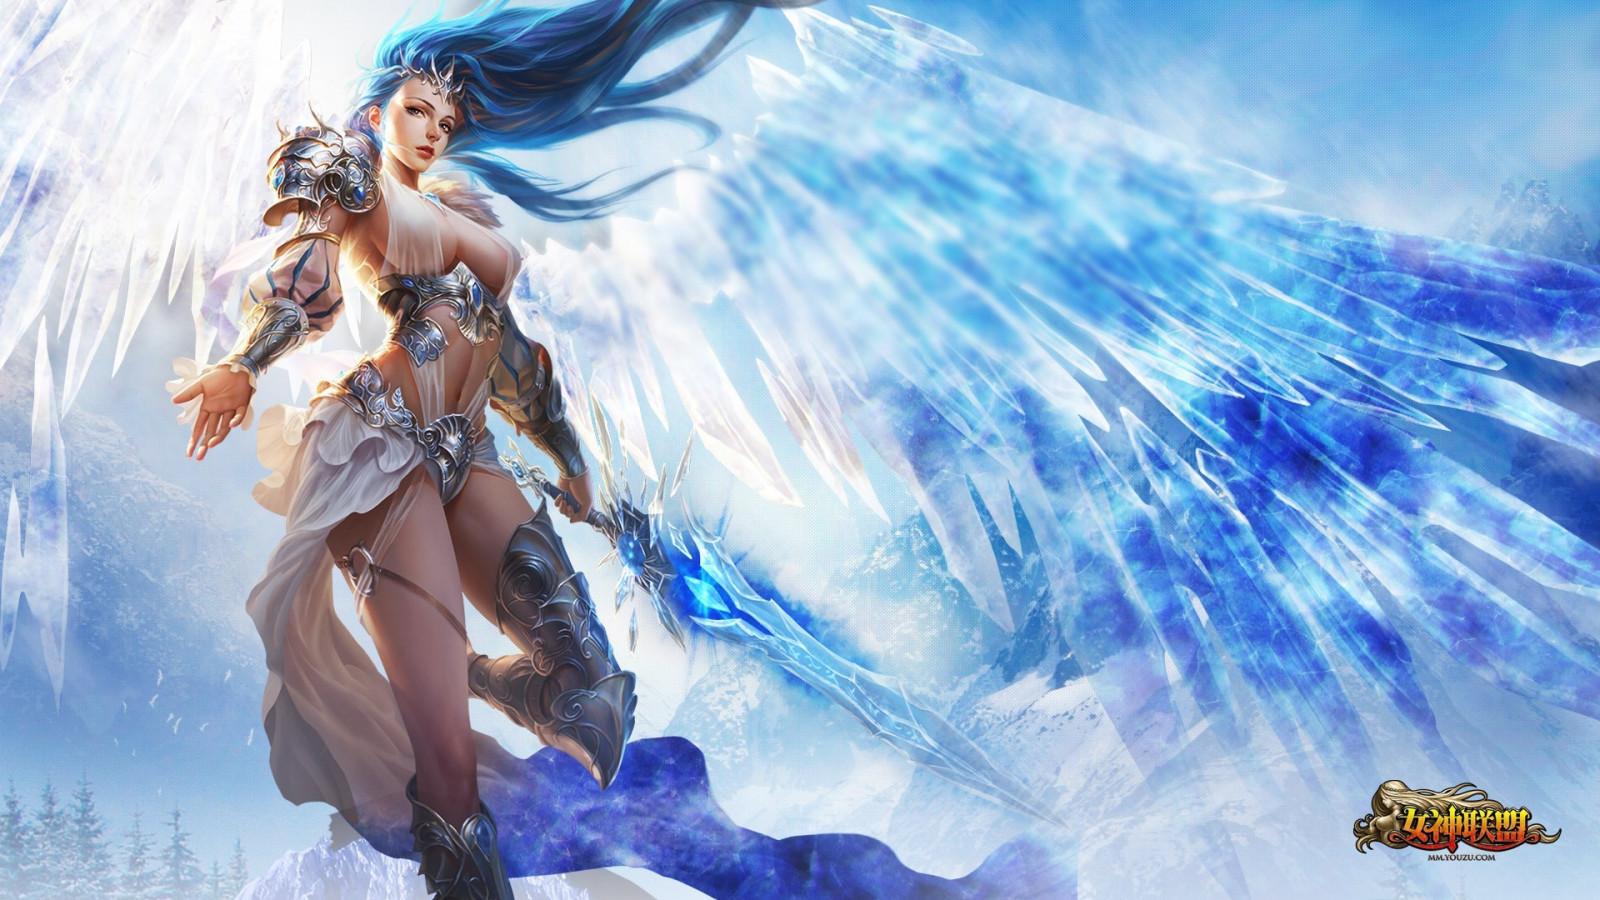 abbastanza Sfondi : illustrazione, donne, Fantasy art, Fantasy Girl, anime  AU45